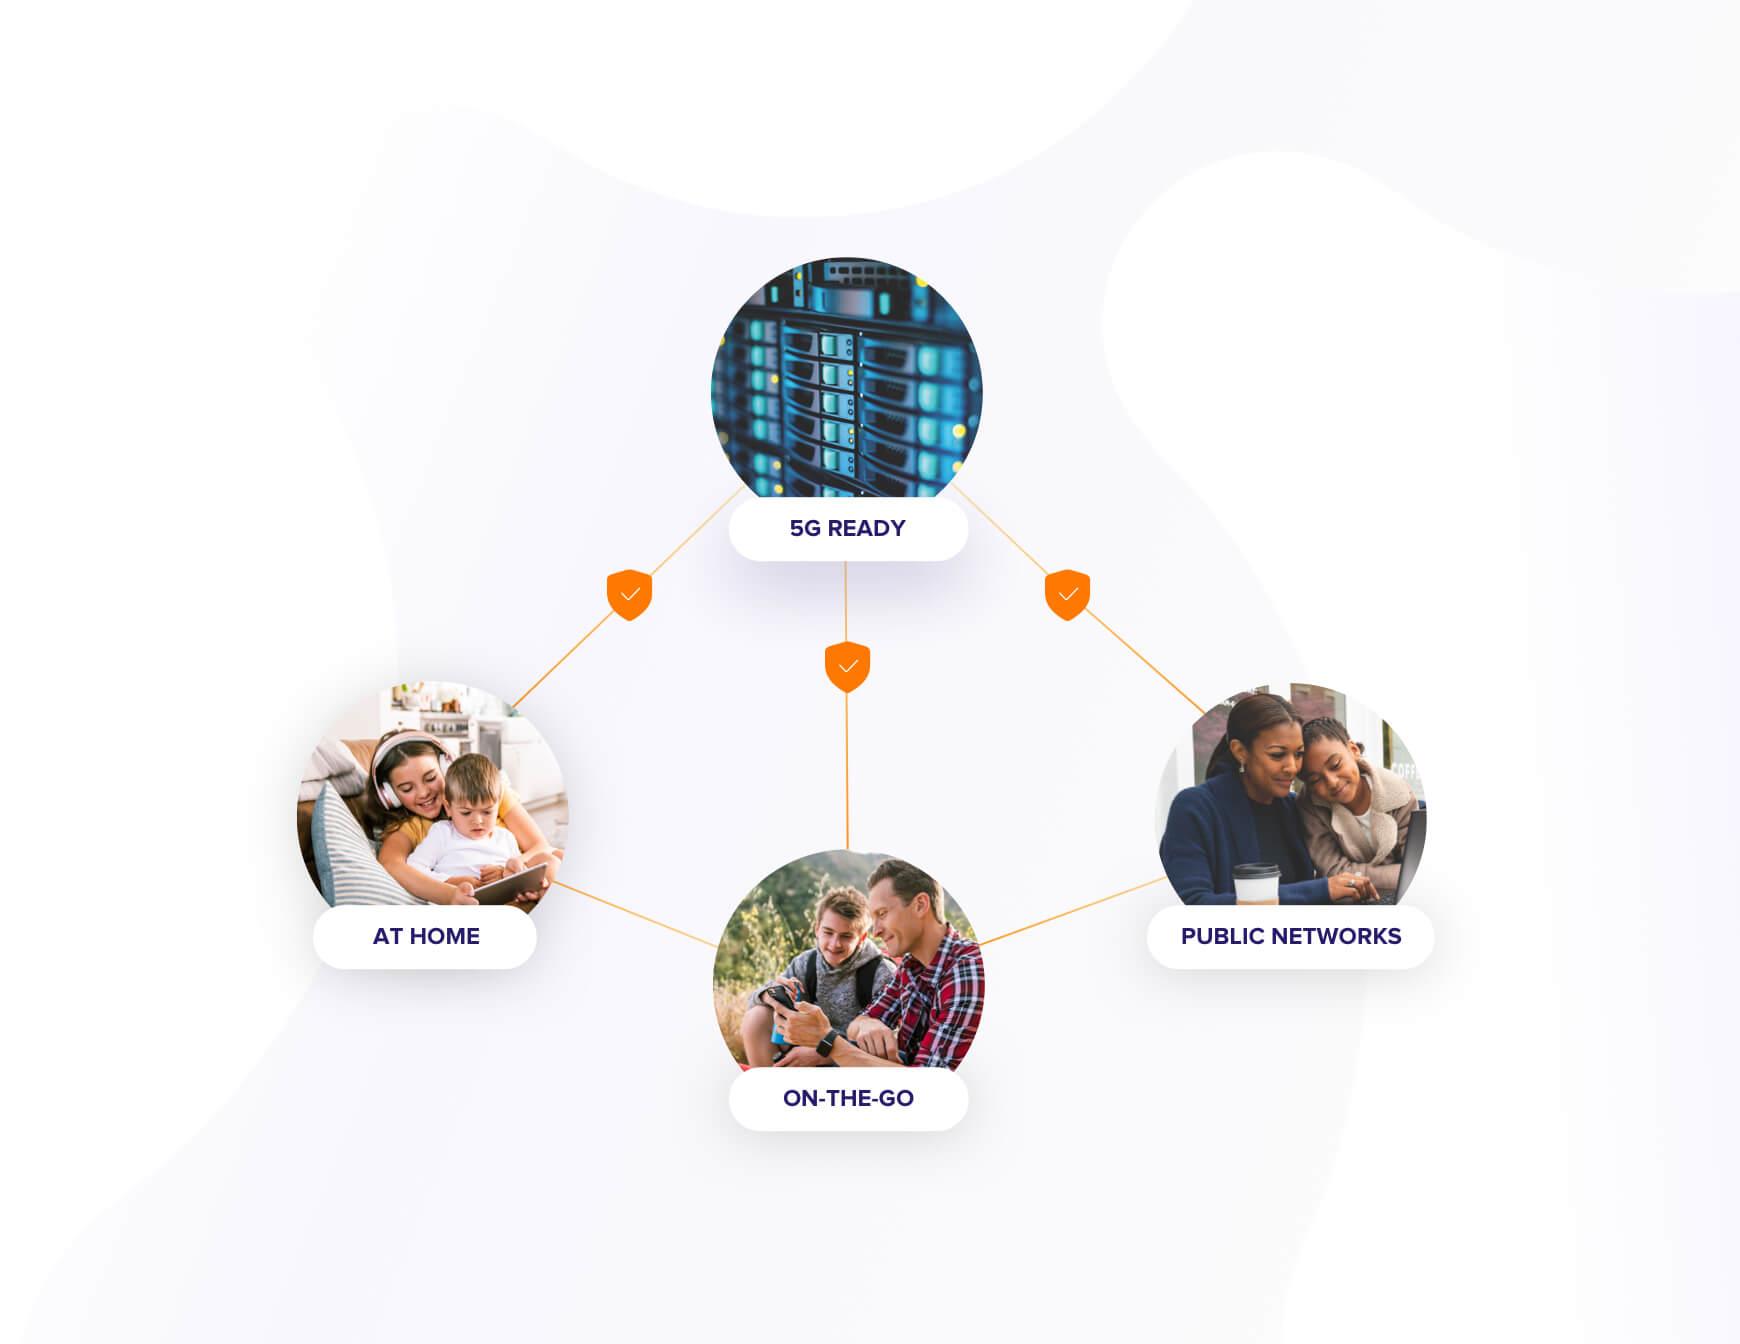 完全整合的產品組合,為您的客戶提供全面的數位生活保護